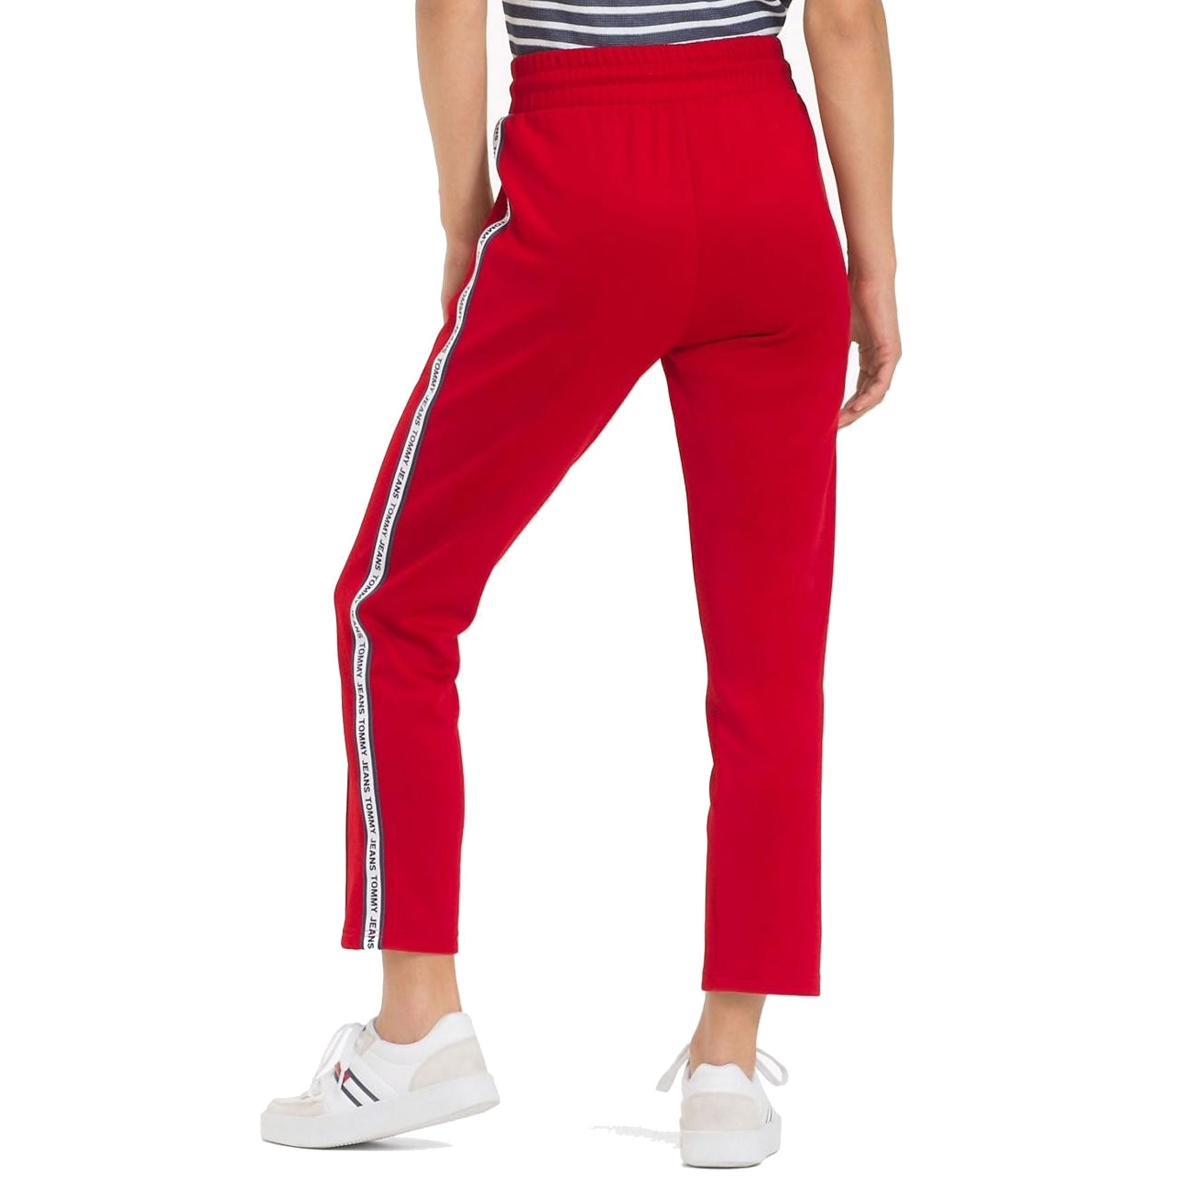 Pantalone della tuta Tommy Jeans da donna rif. DW0DW05542